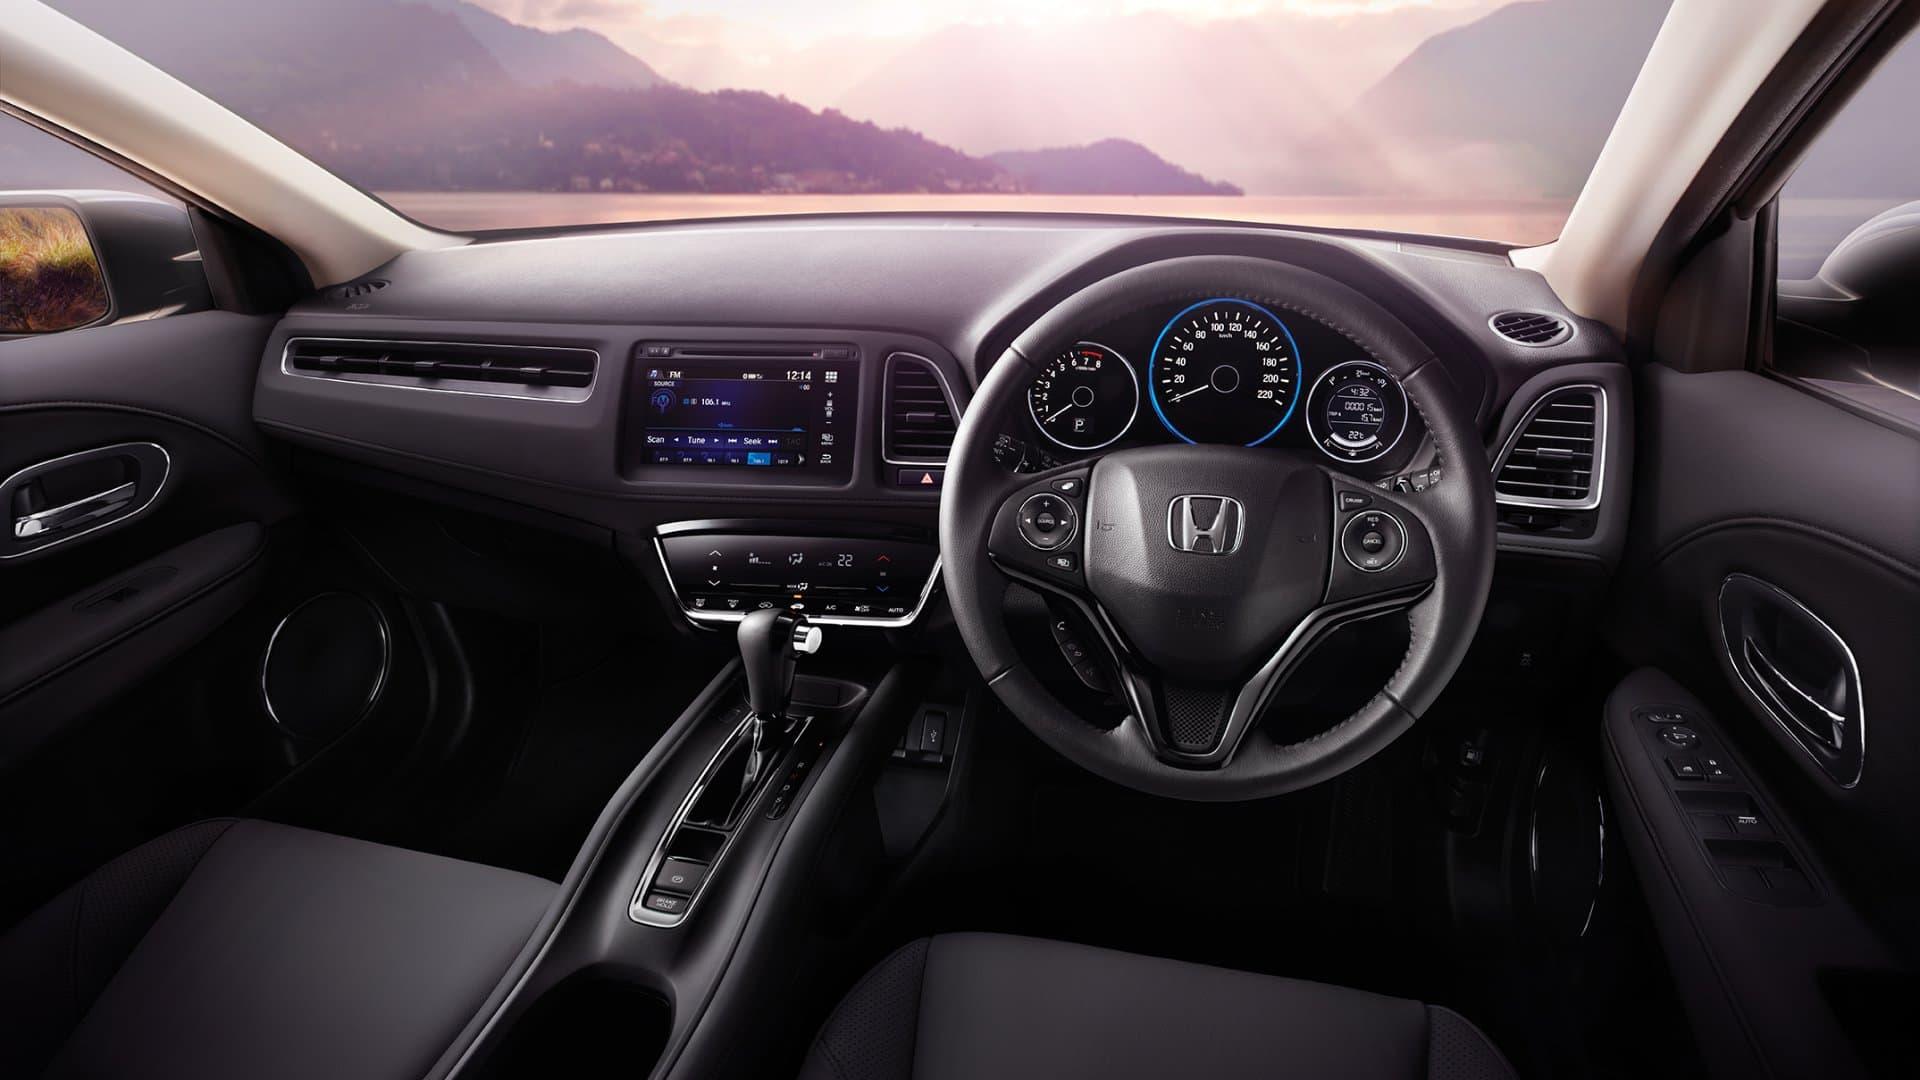 Honda HRV Interior